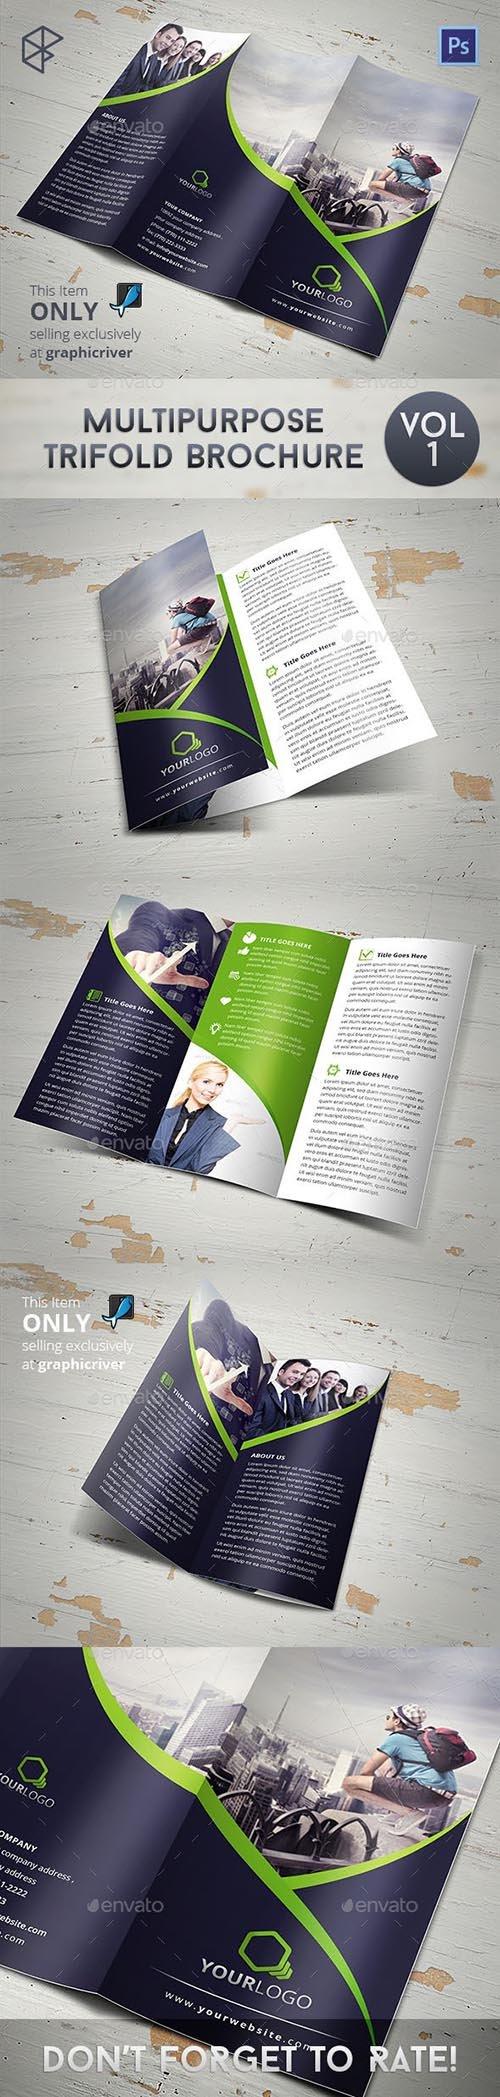 GR - Multipurpose Trifold Brochure 8045479